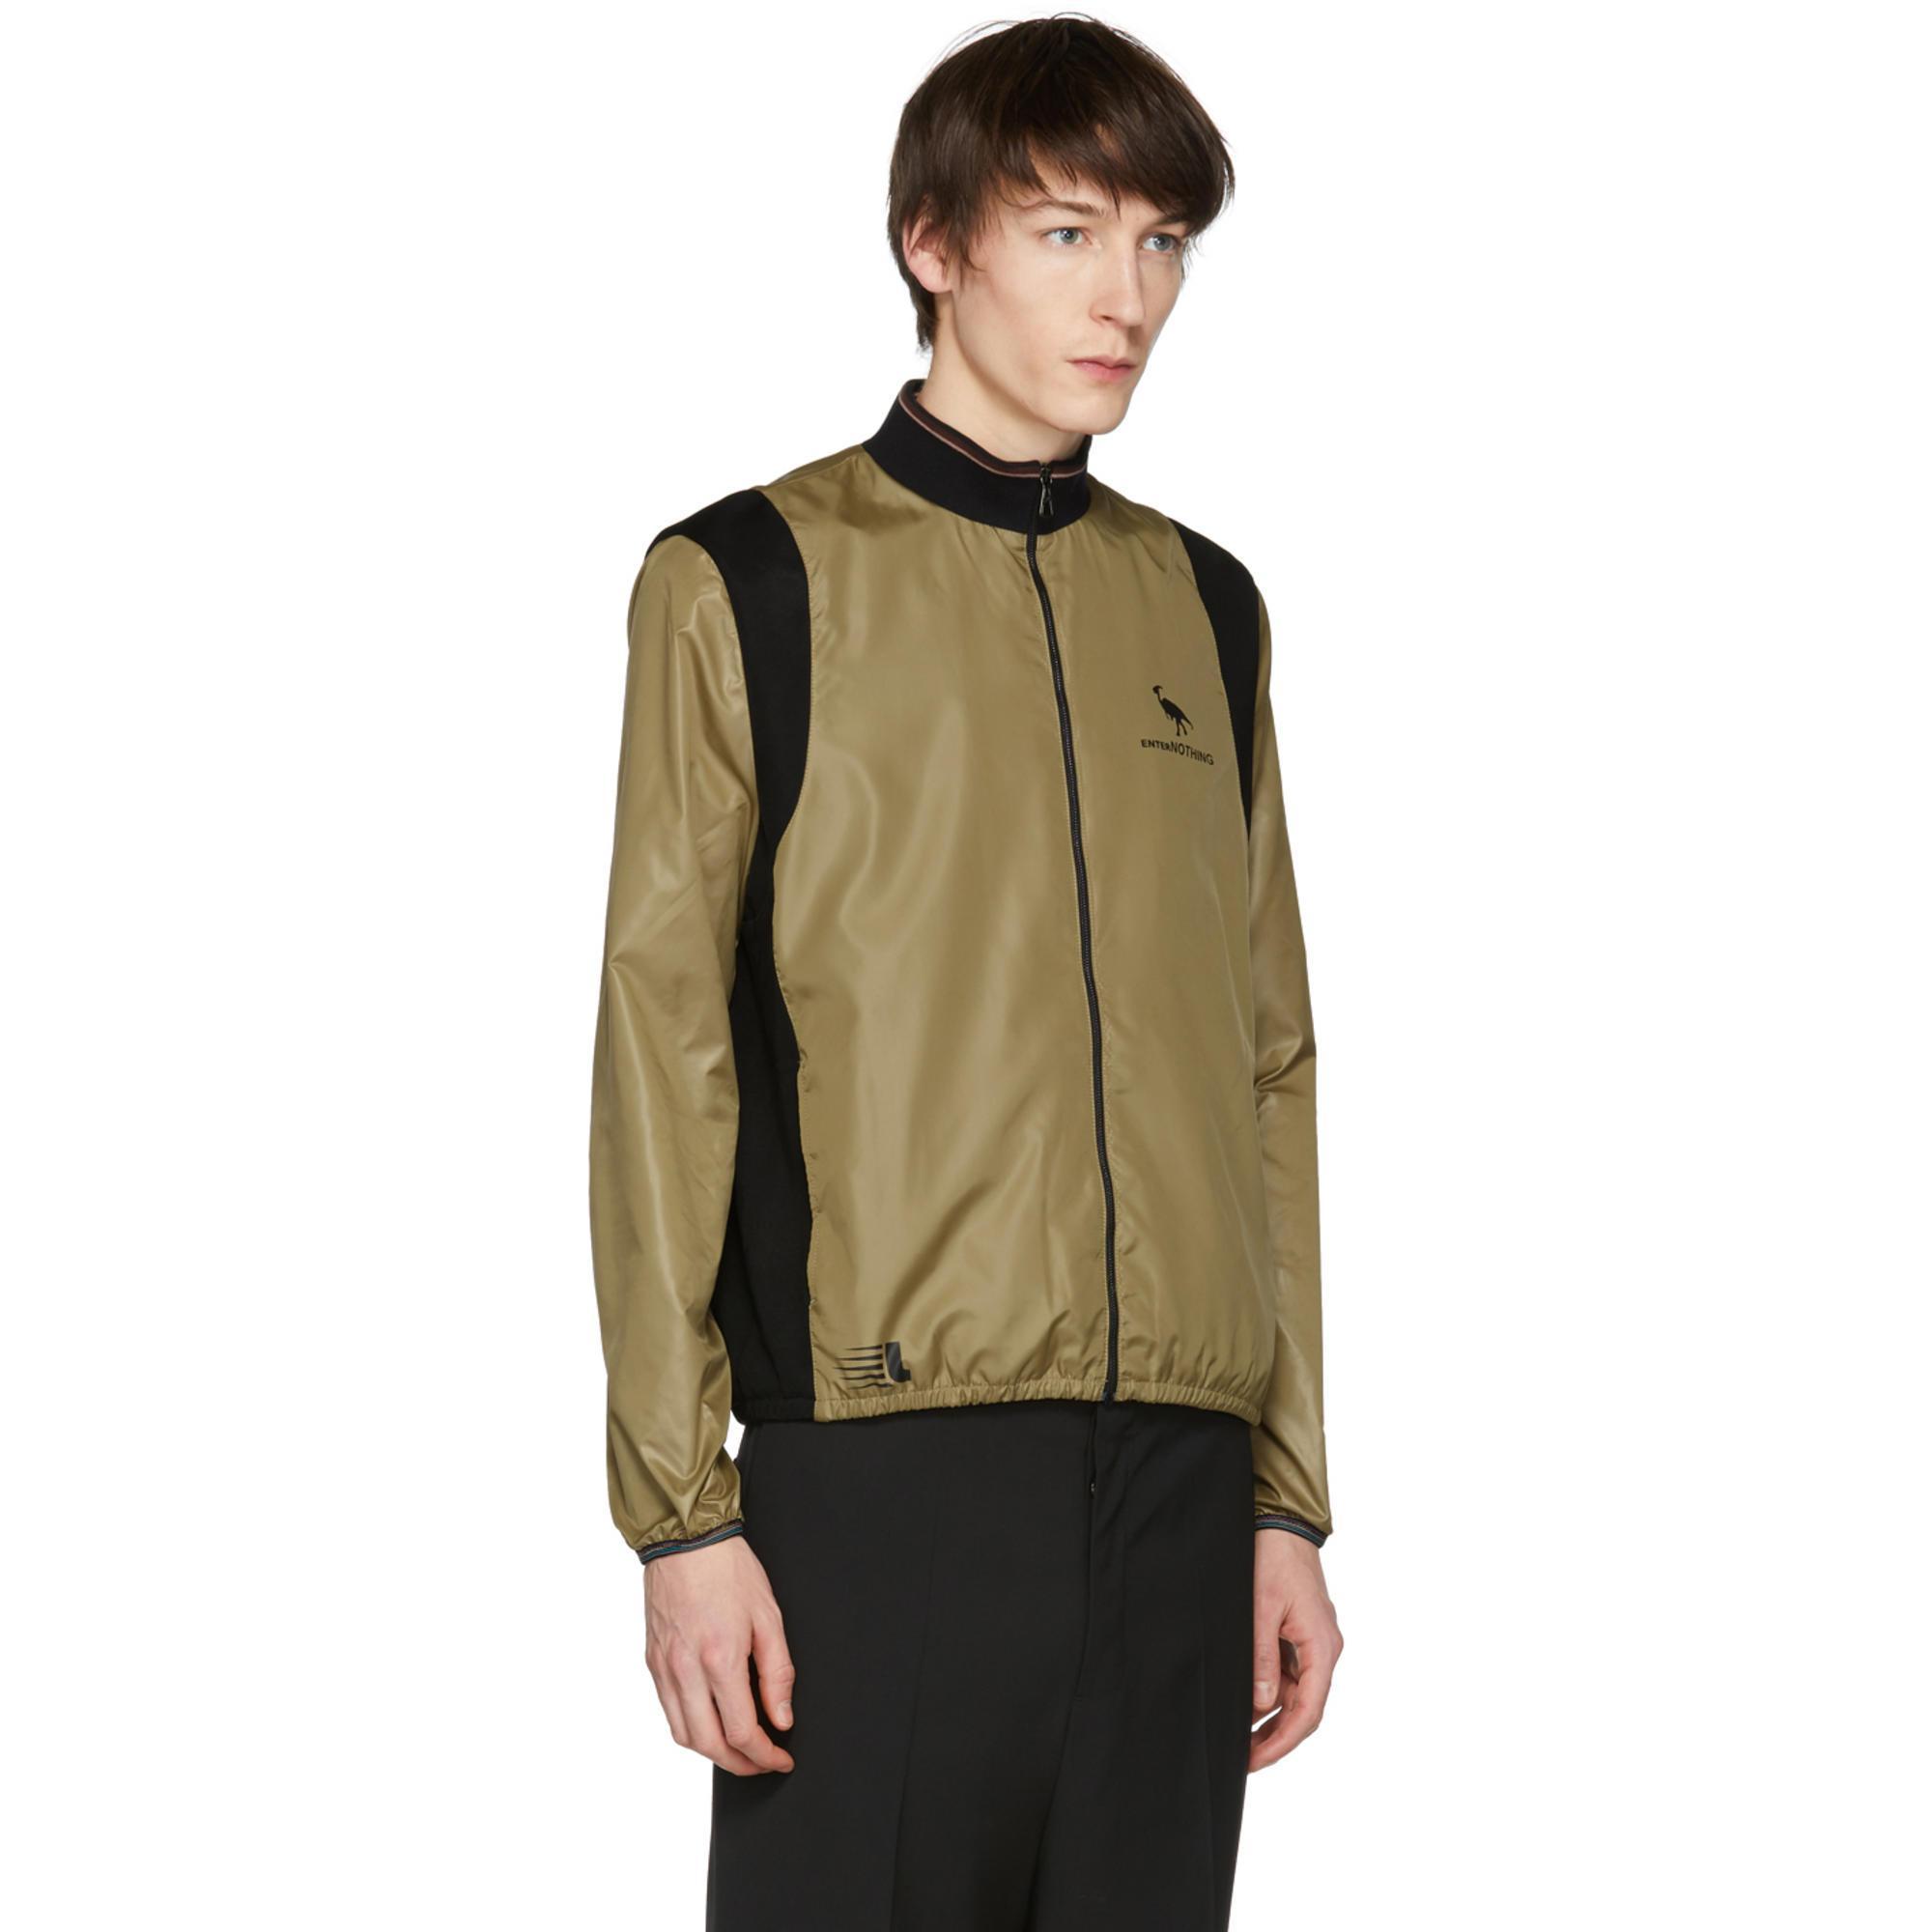 Beige Enter Nothing Jacket Lanvin Sale Shop Offer CjImKWkdK